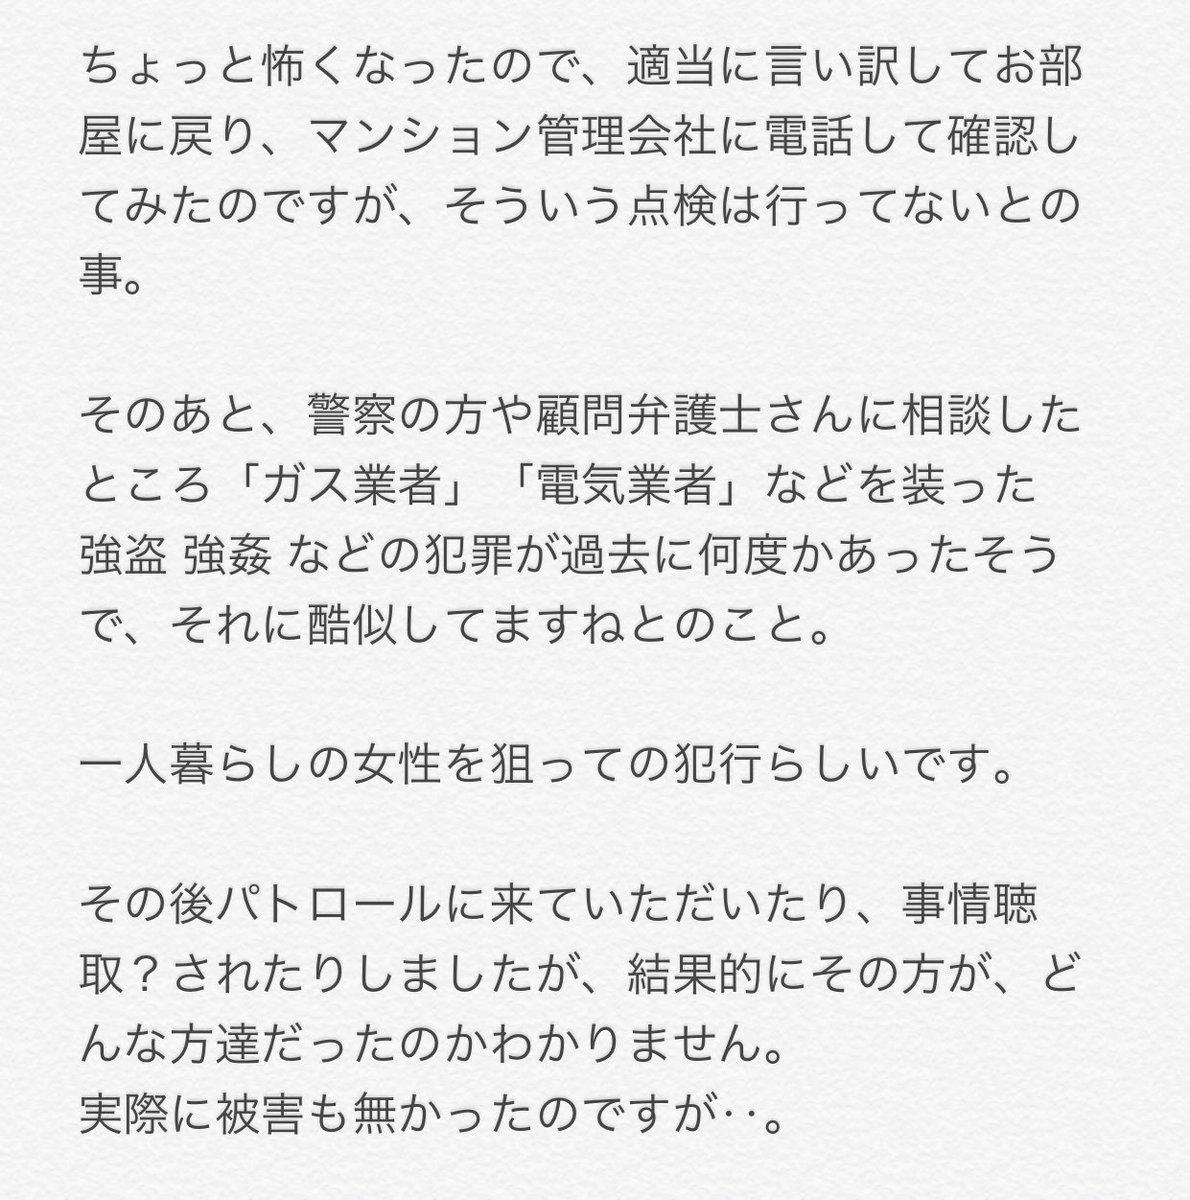 雨情華月 🌸8月11日 都内ワンマン!さんの投稿画像